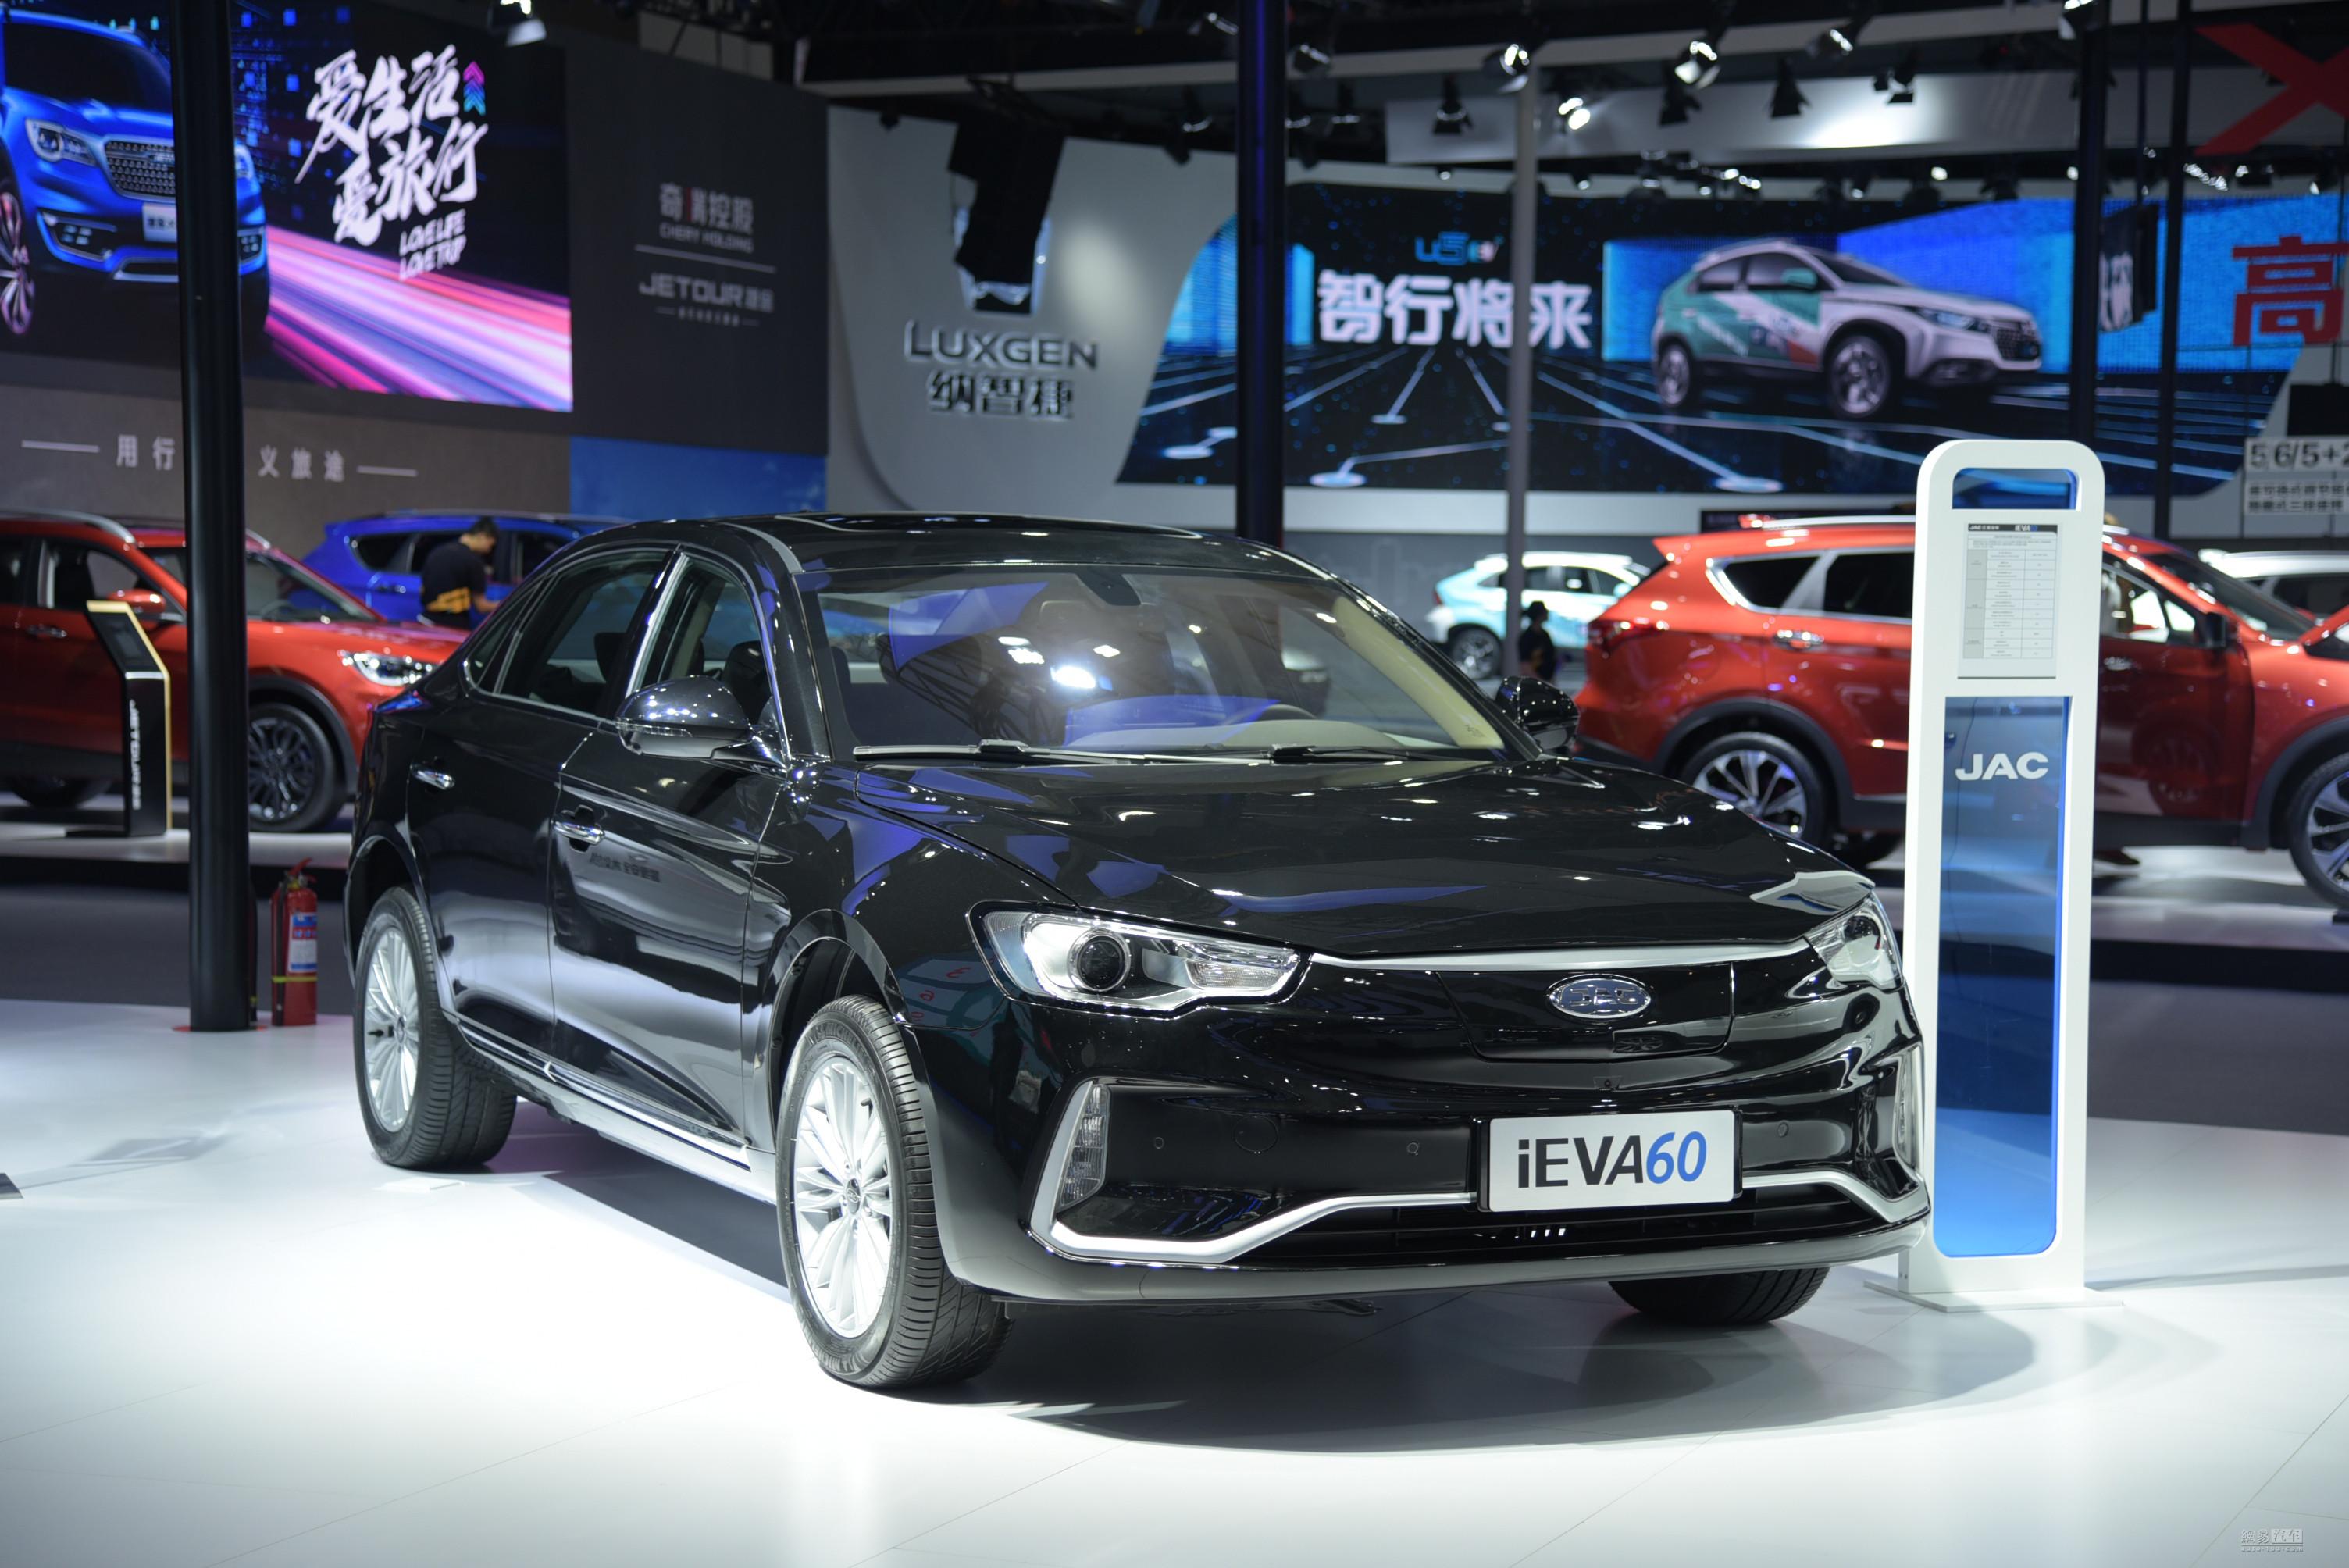 江淮iEVA60正式发布 计划明年二季度上市